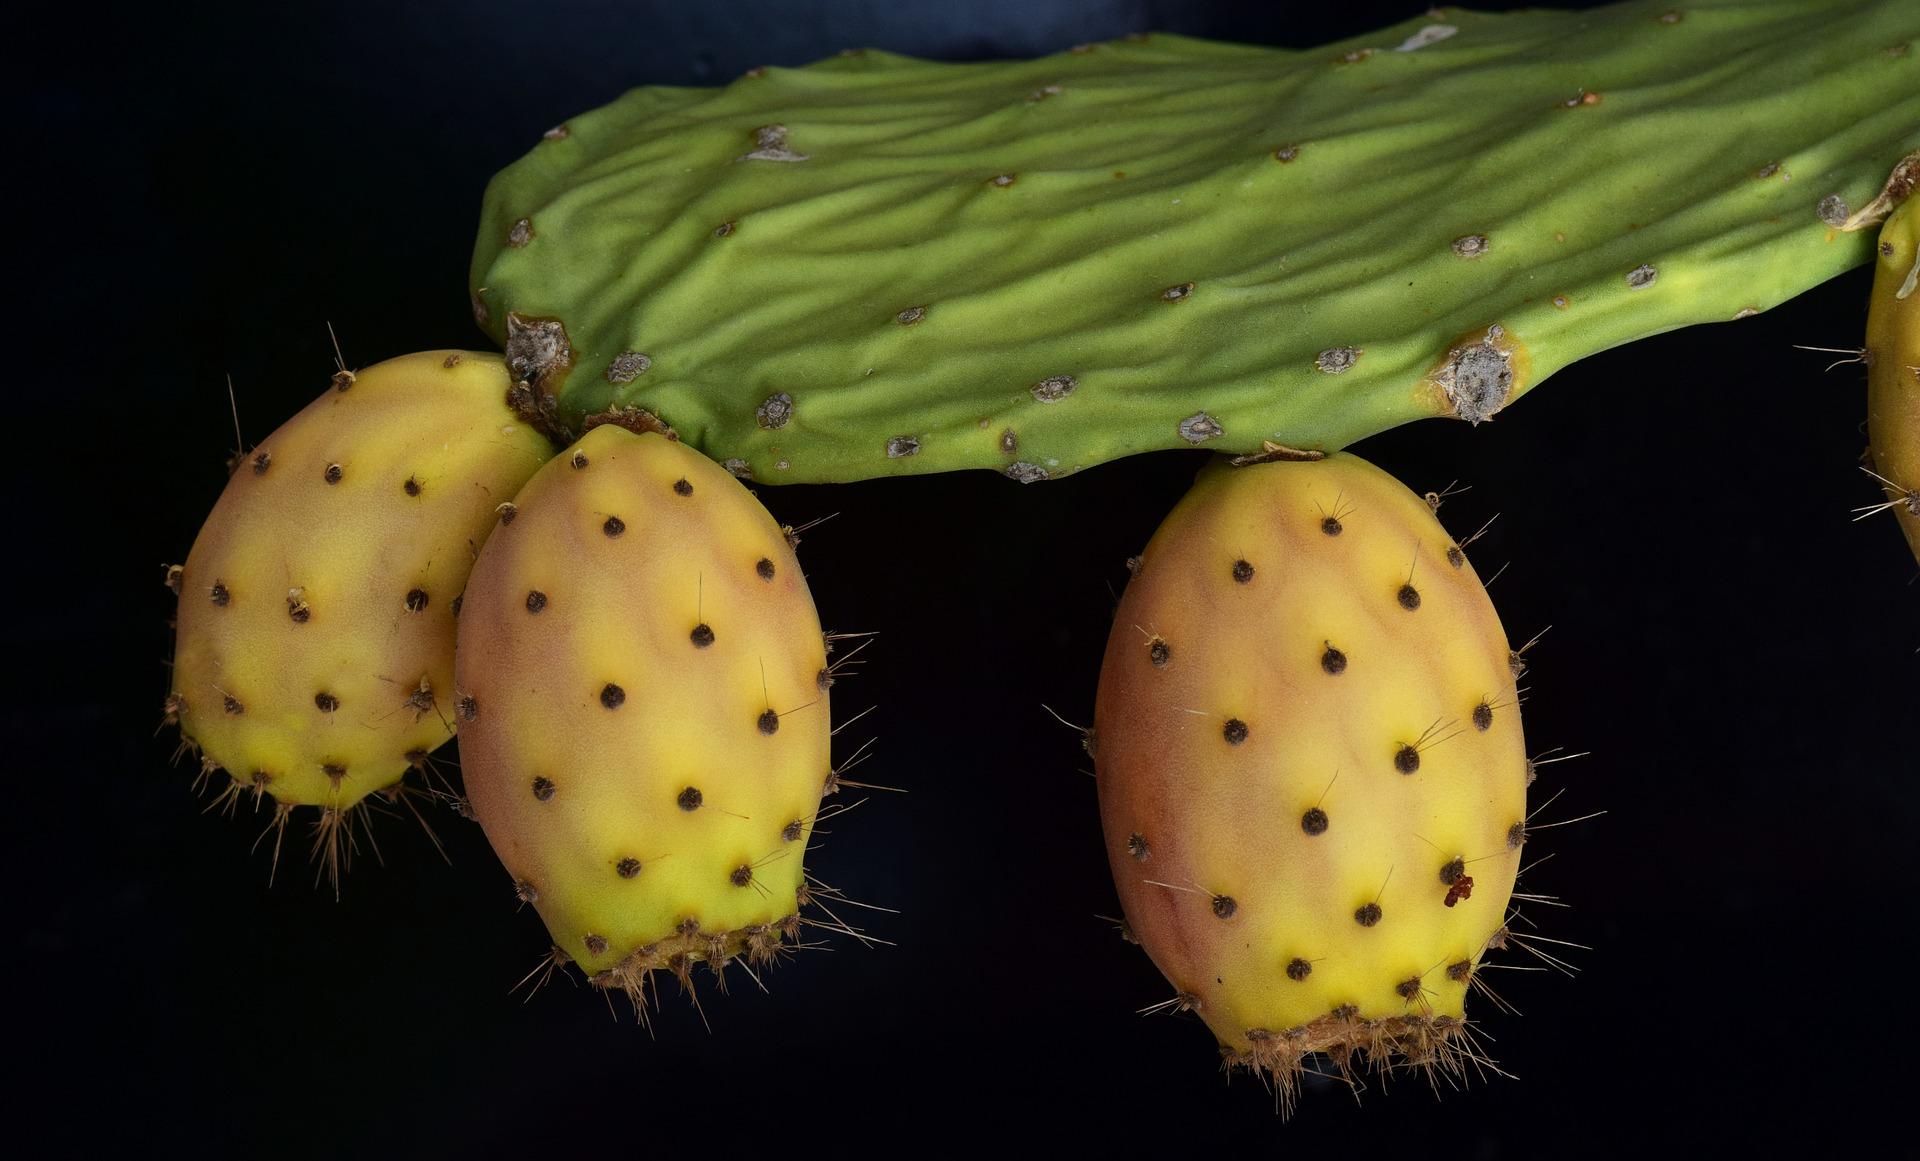 Kaktusfrüchte: Perfekt in der exotischen Küche auf gutshausblog.de